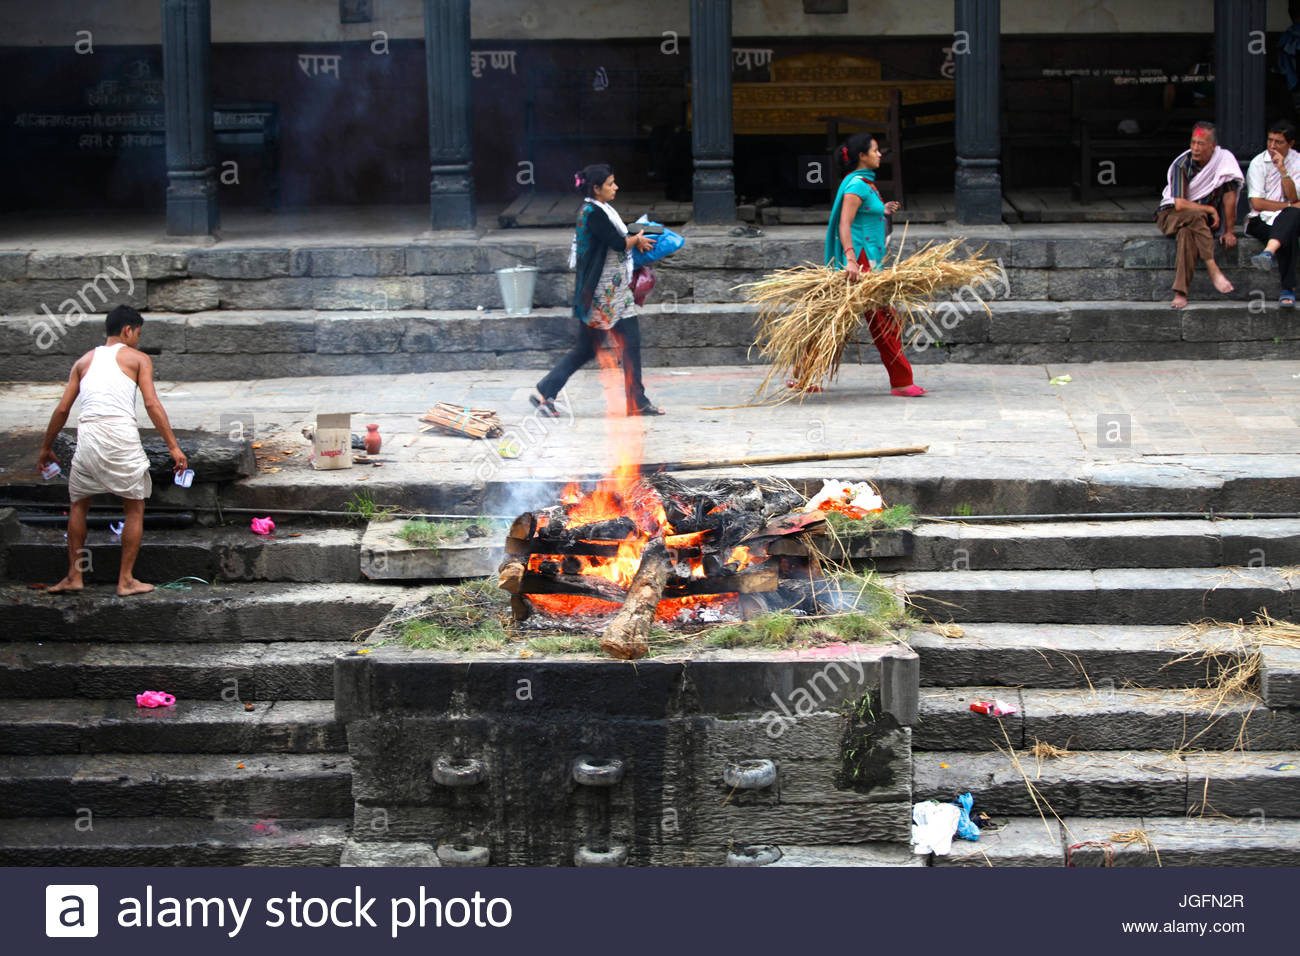 Hindu cremation at Pashupatinath Temple. - Stock Image